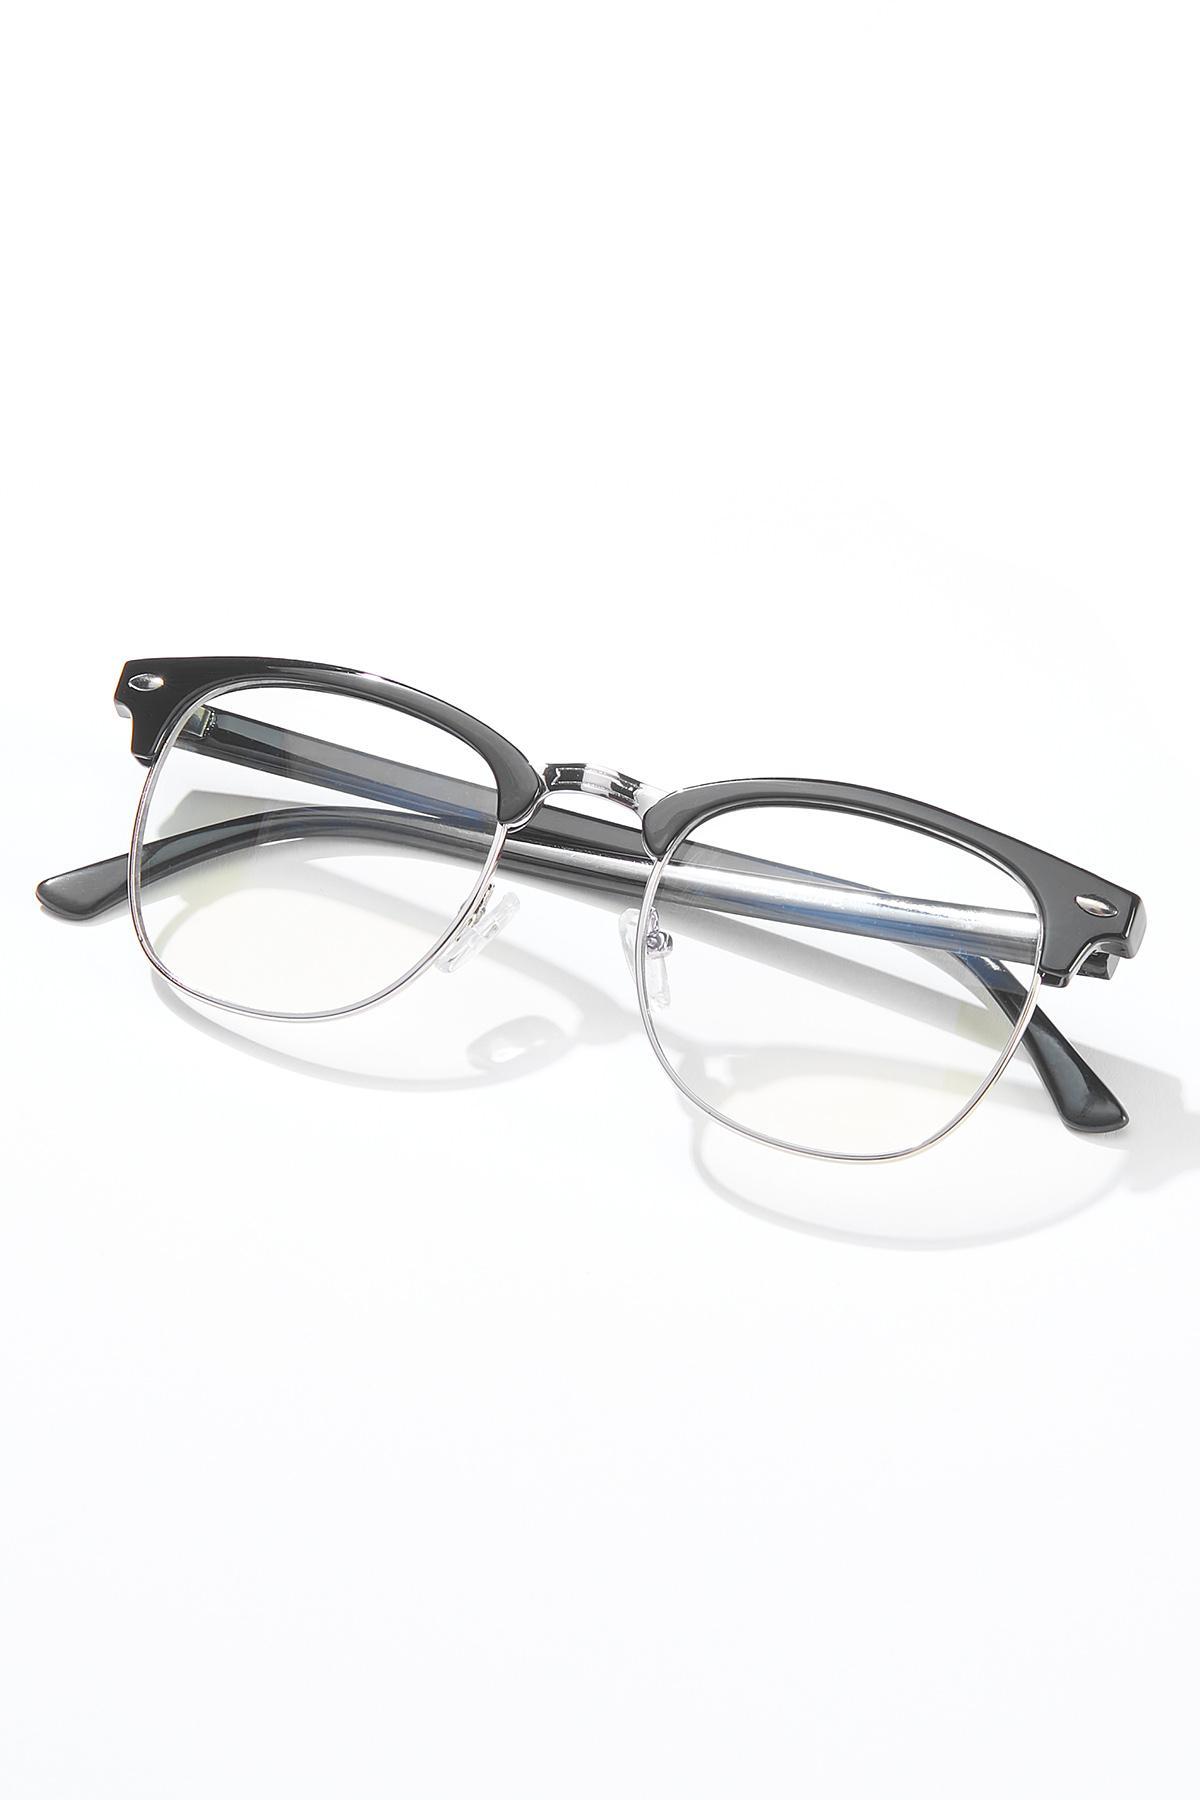 Black Temple Blue Light Glasses